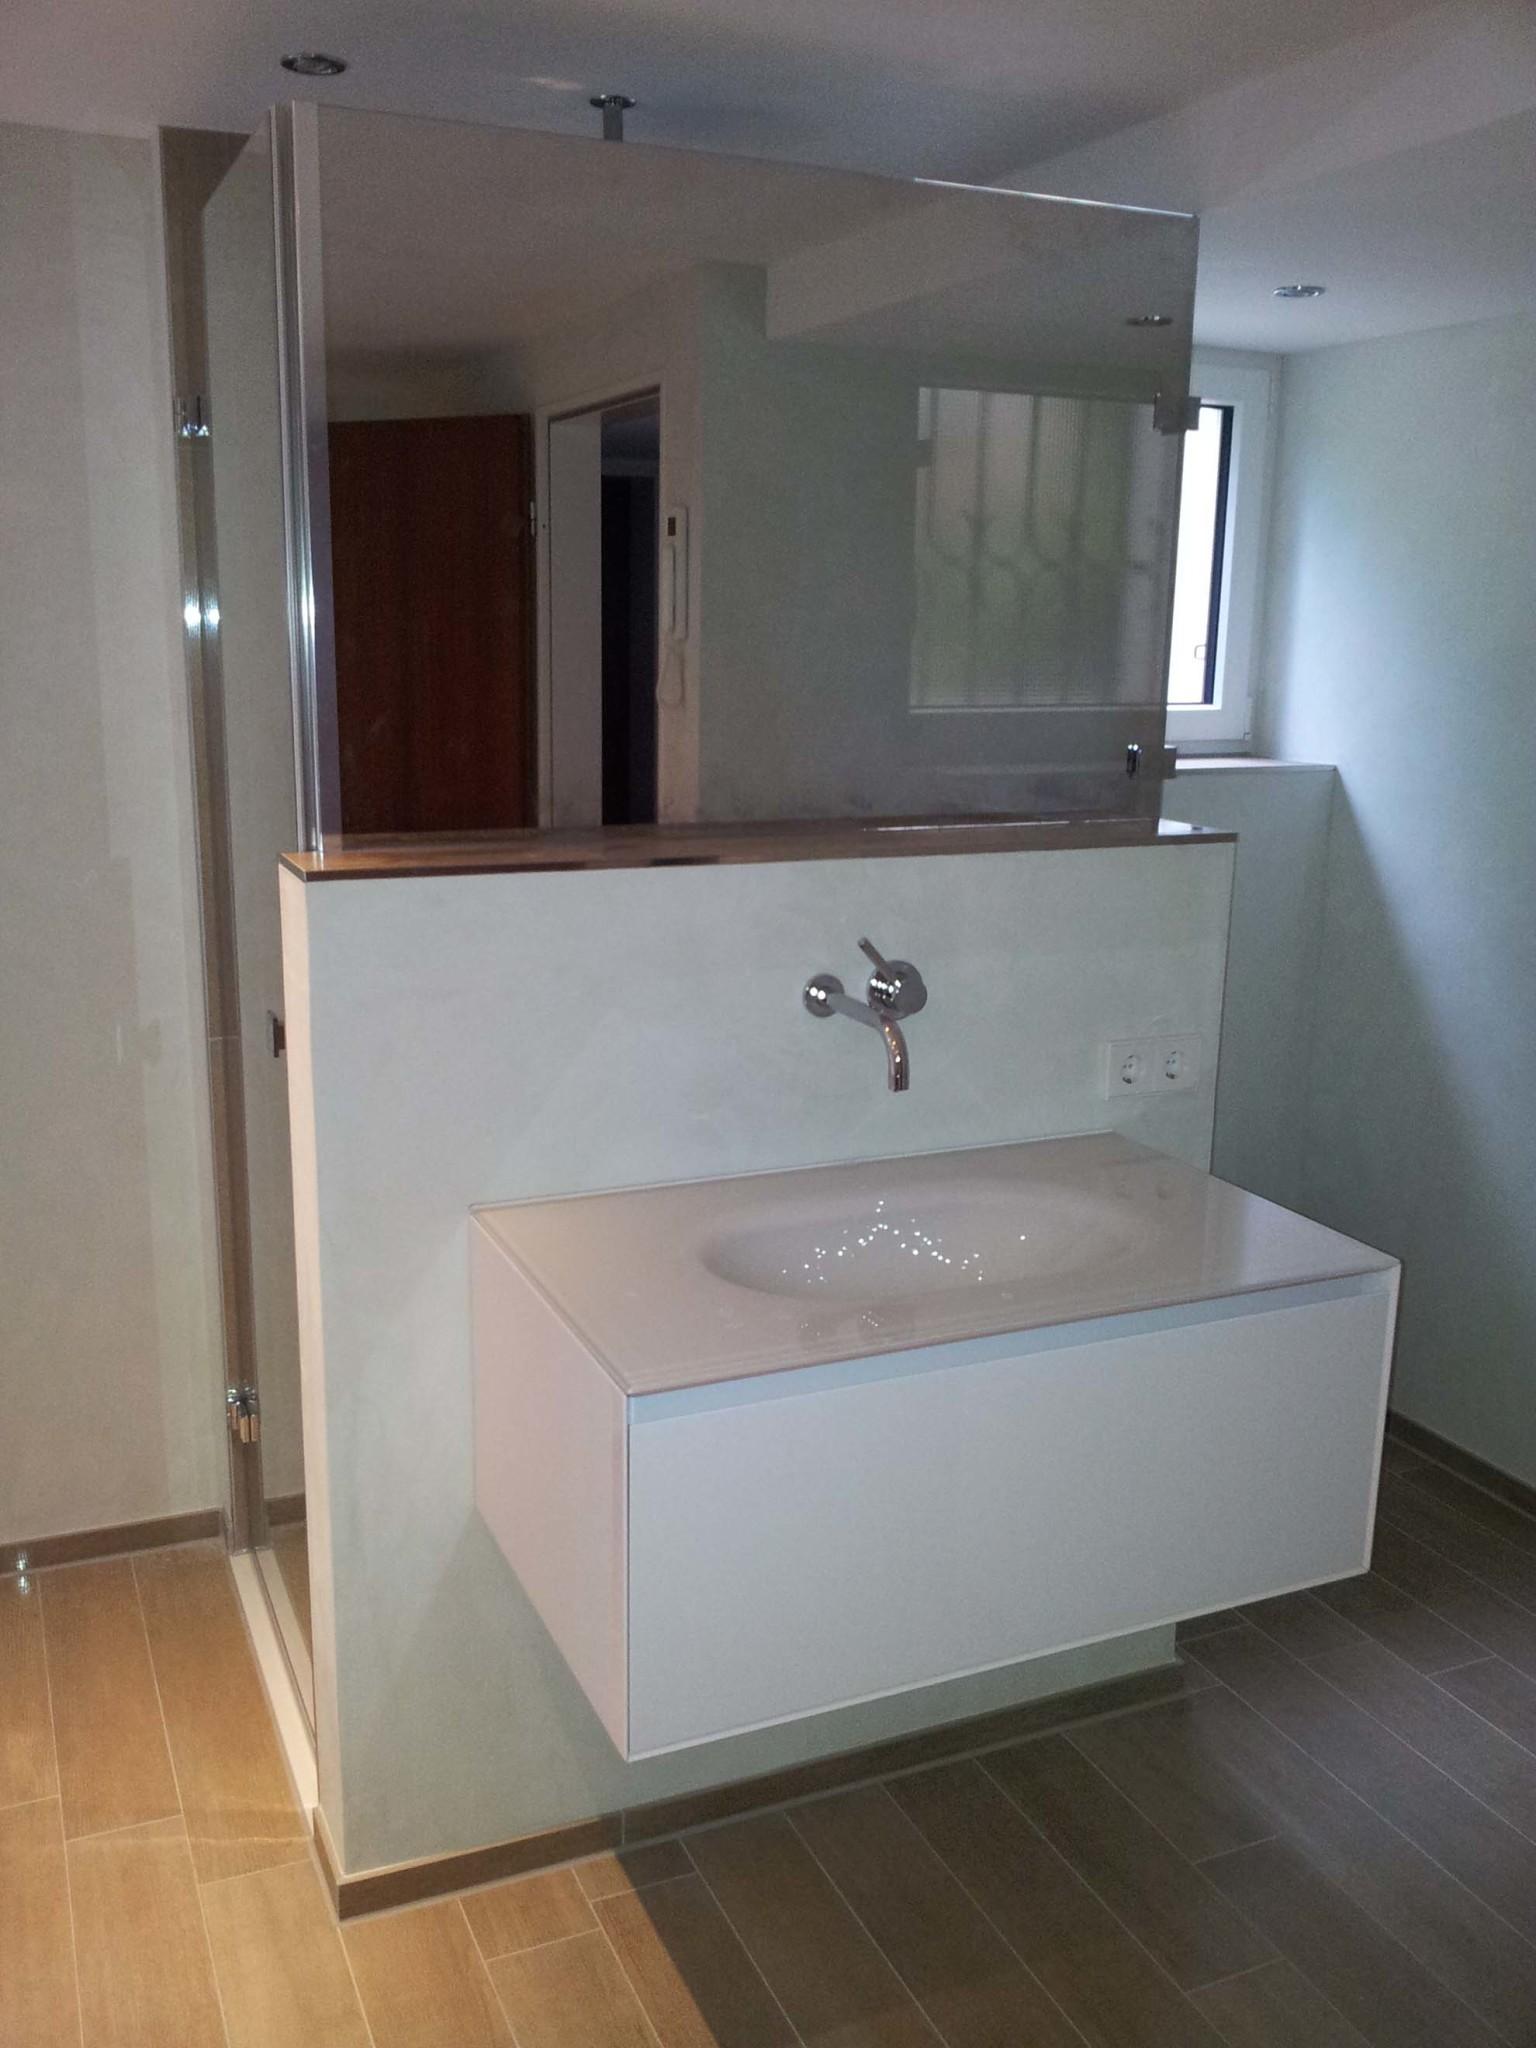 Midra-U-Kabine-mit-Spiegelglas-zur-gleichzeitigen-Nutzung-als-Waschtischspiegel